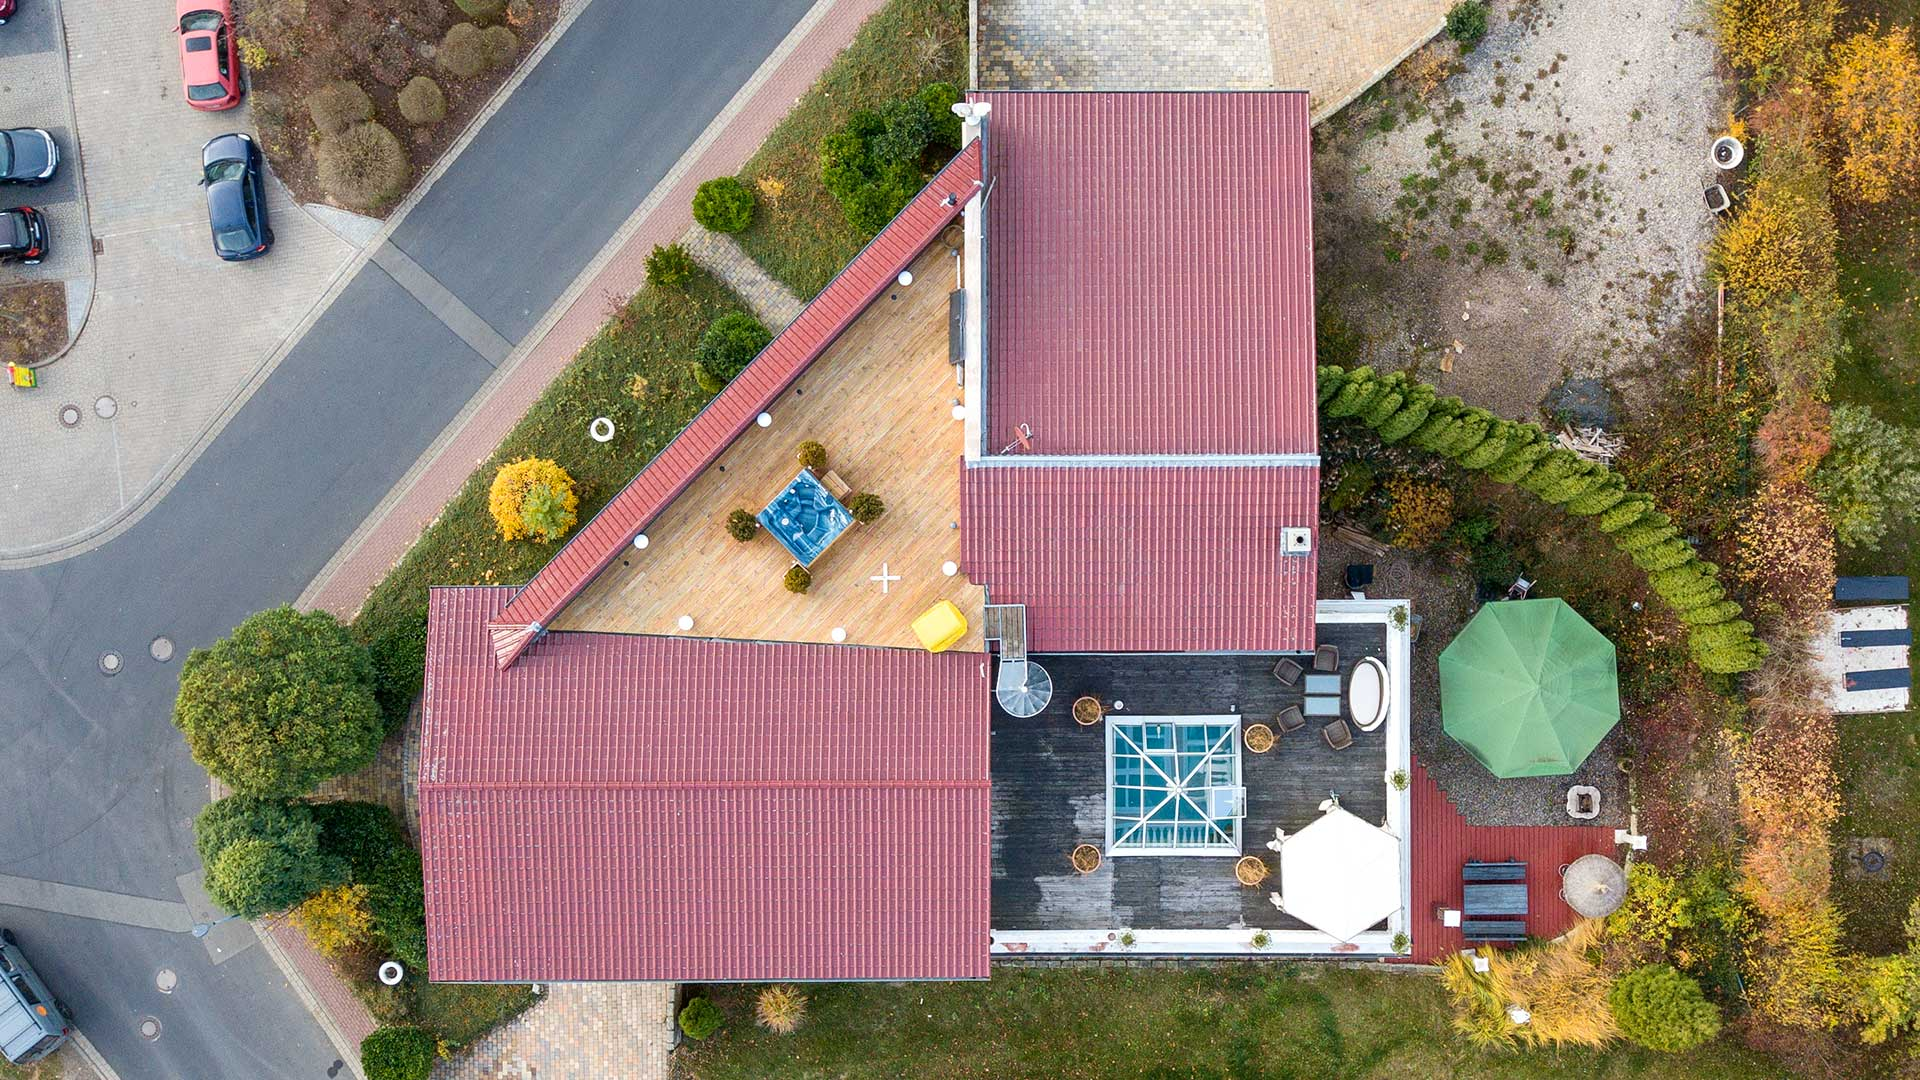 Architekturfotografie, Drohne: Luftaufnahme Haus mit Grundstück | Foto: Dieter Eikenberg, imprints